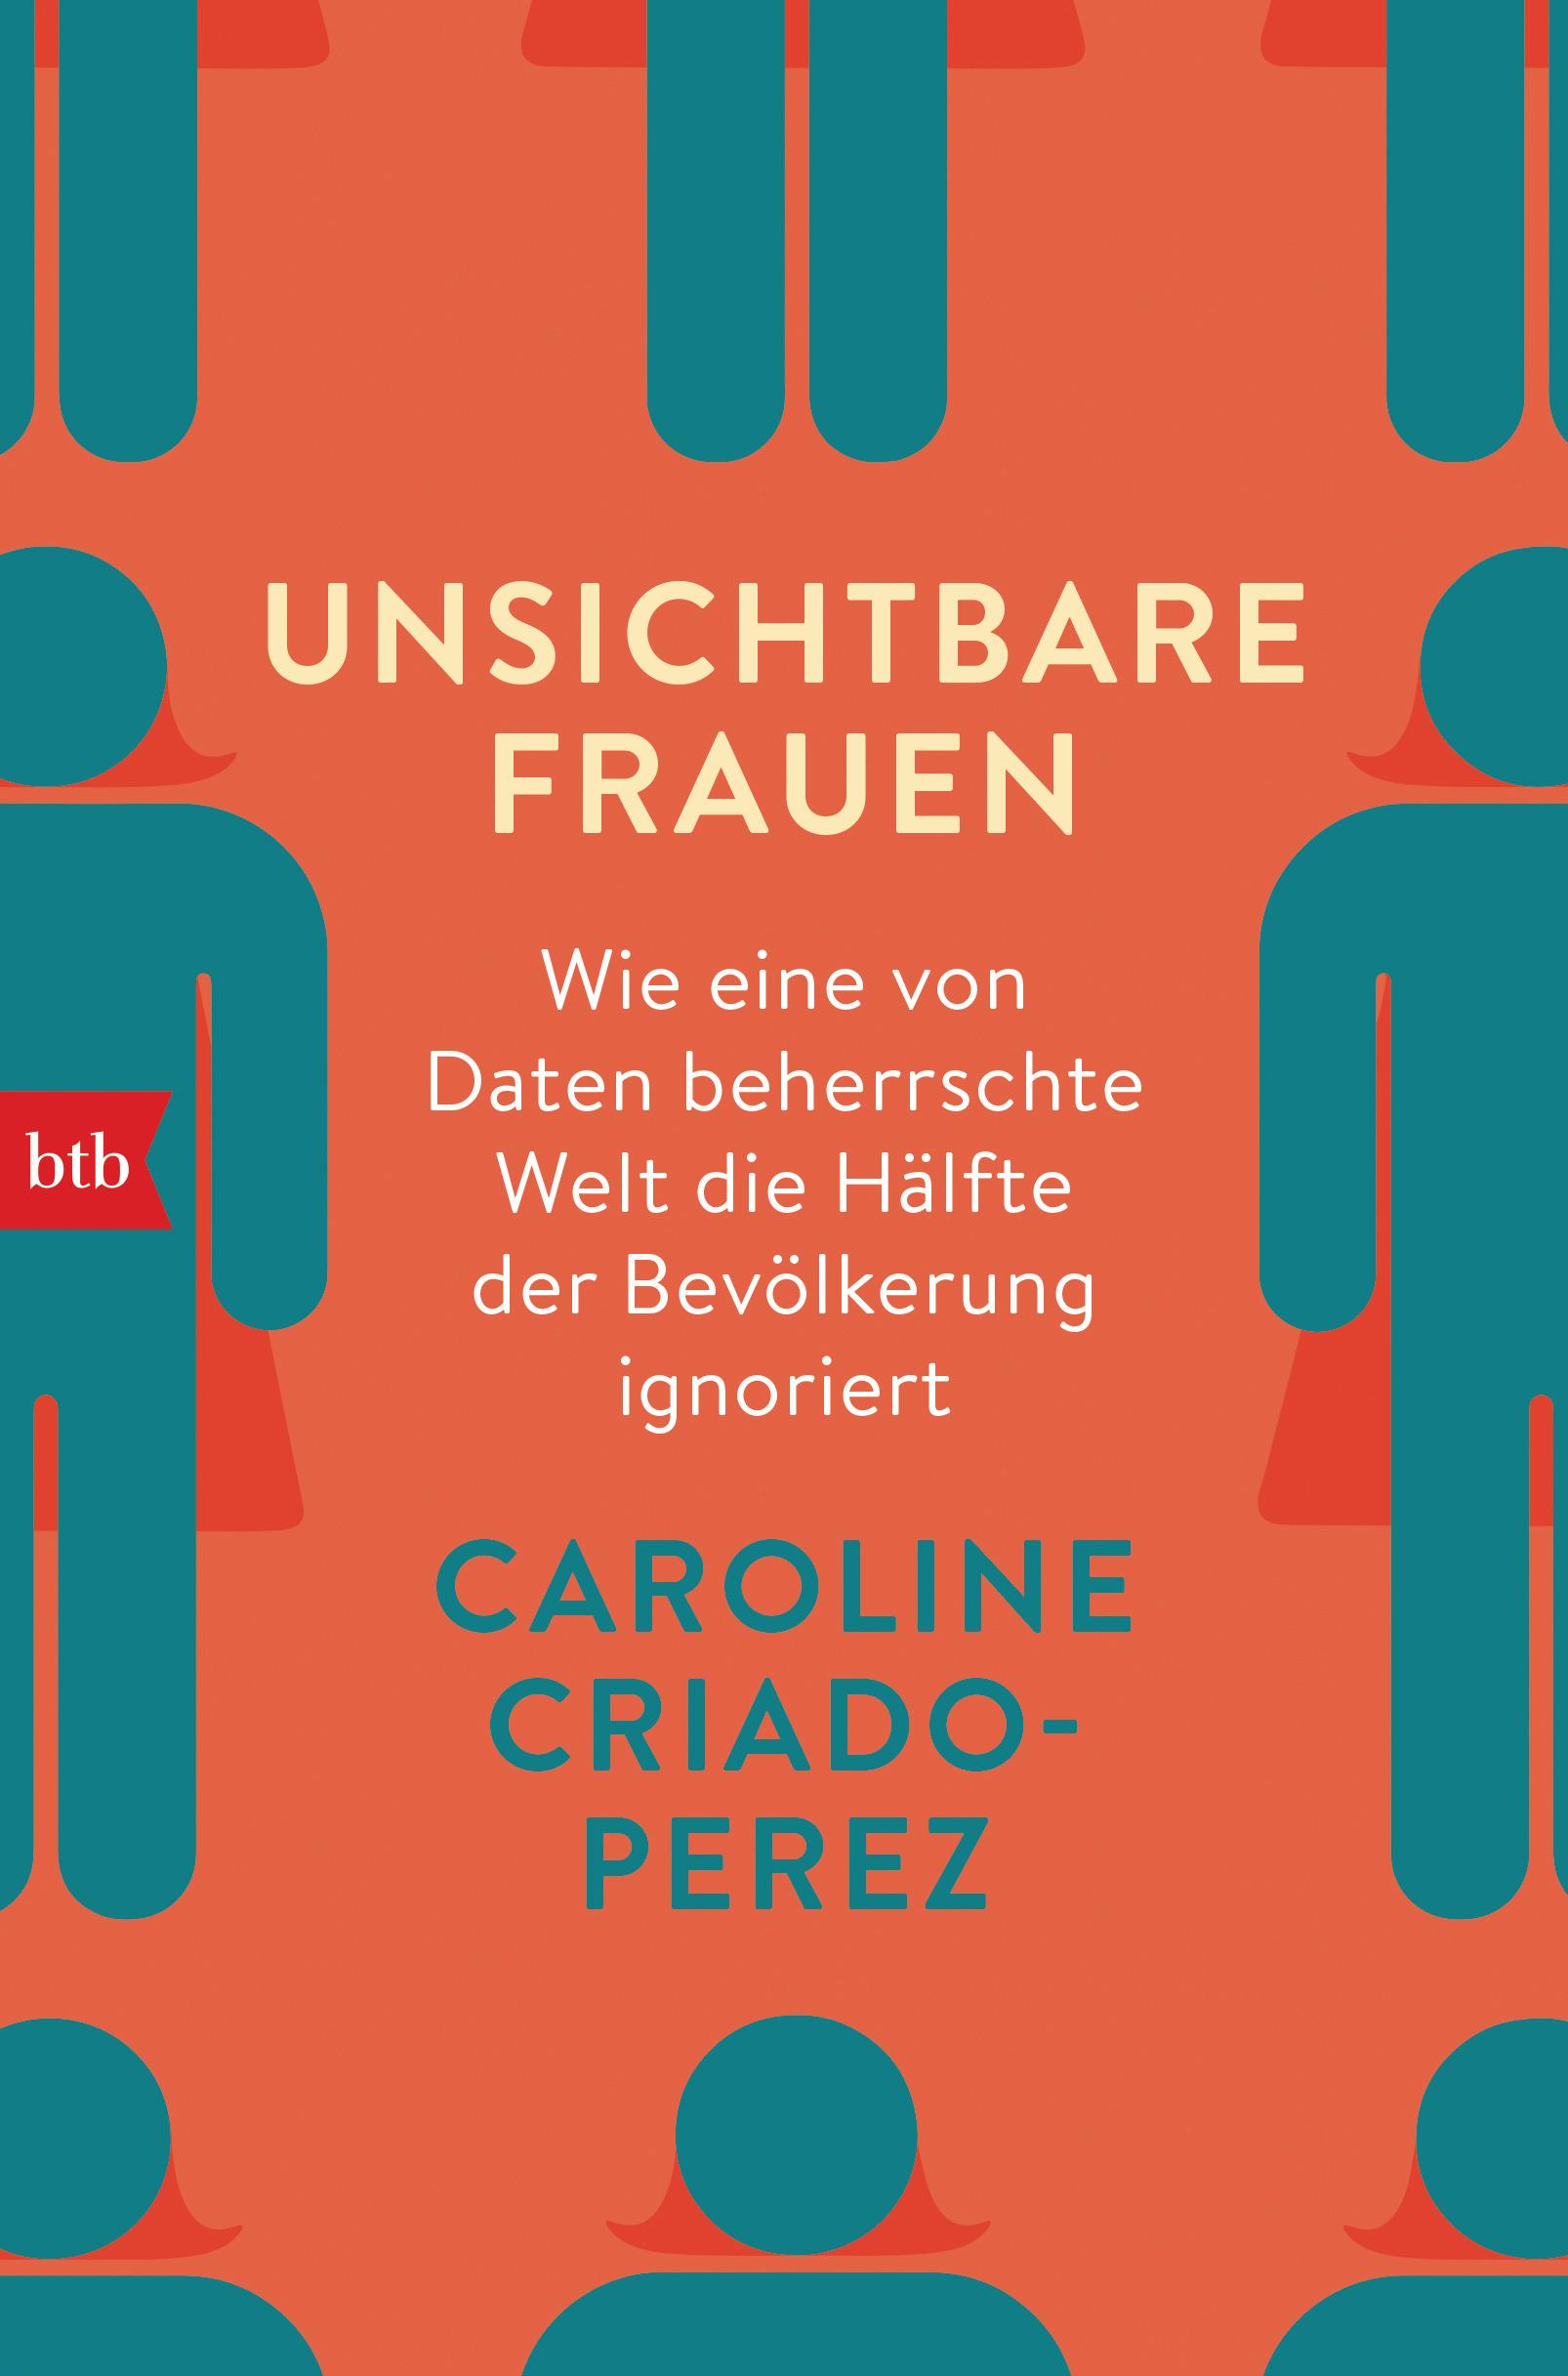 Rezension: Unsichtbare Frauen | Feministische Literatur